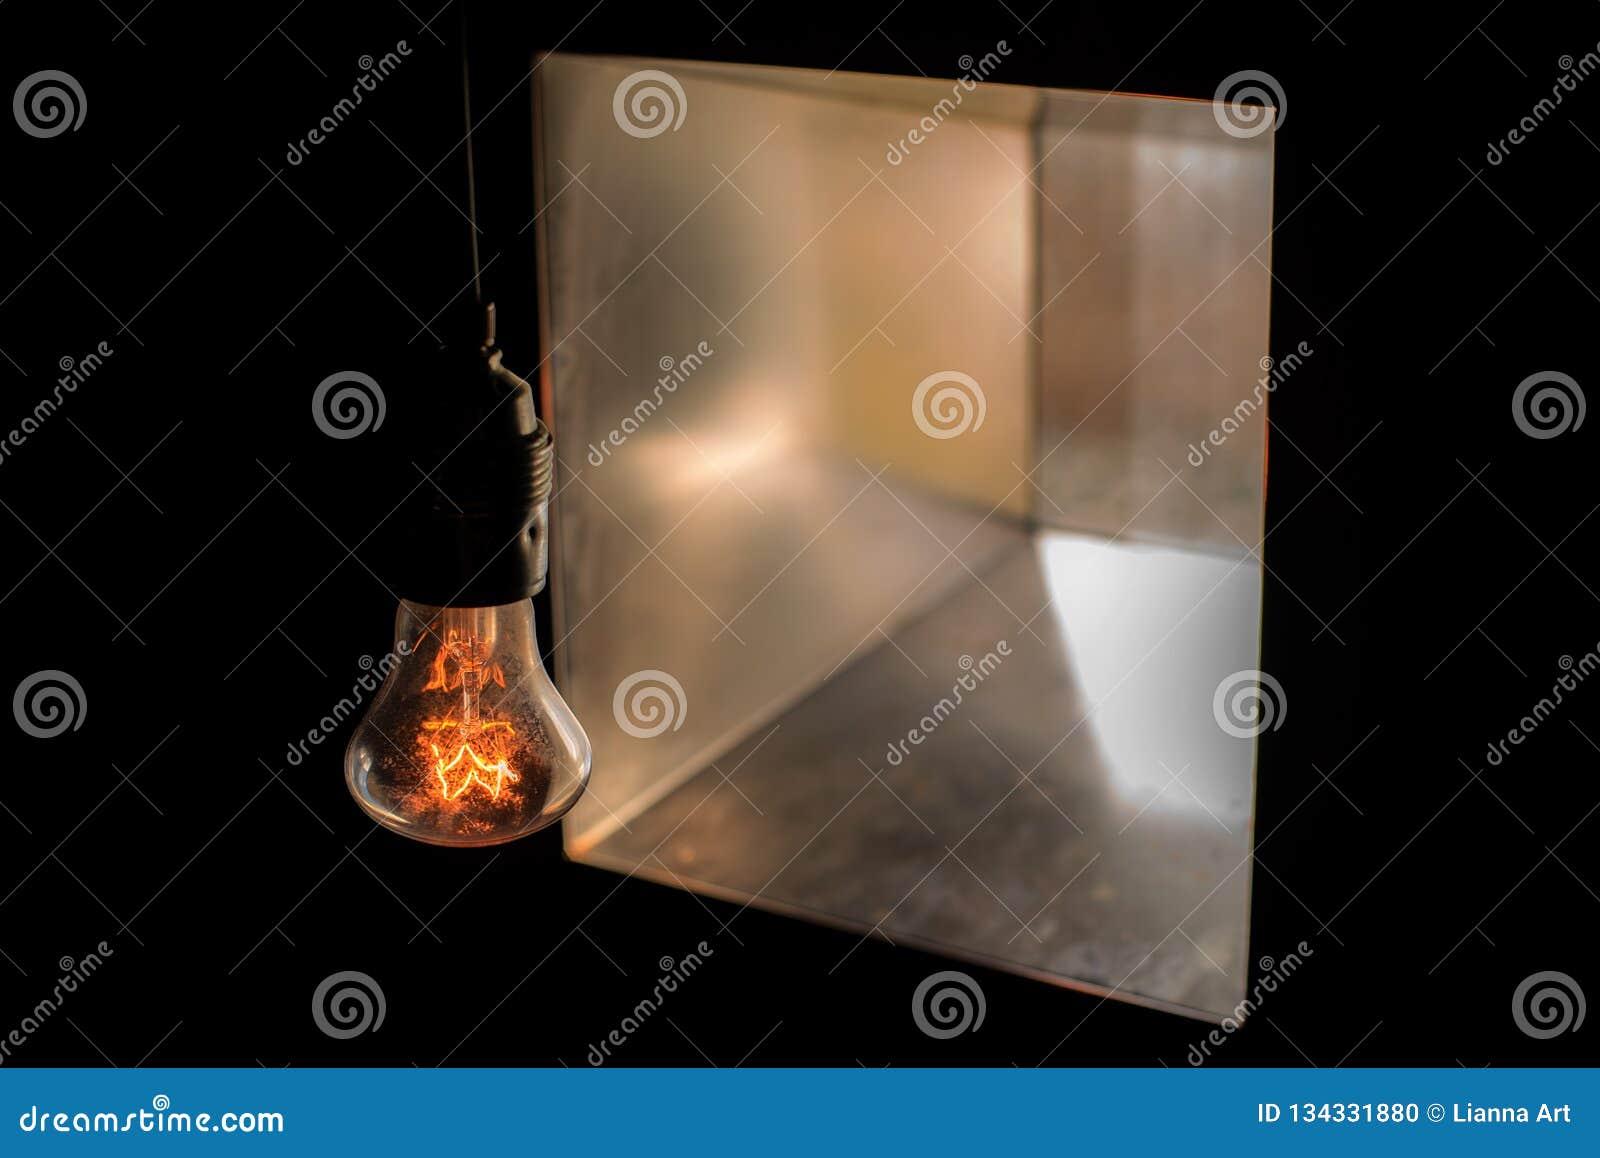 De bol van de gloedlamp zonder lampschaduw in dark tegengesteld aan een vierkant venster